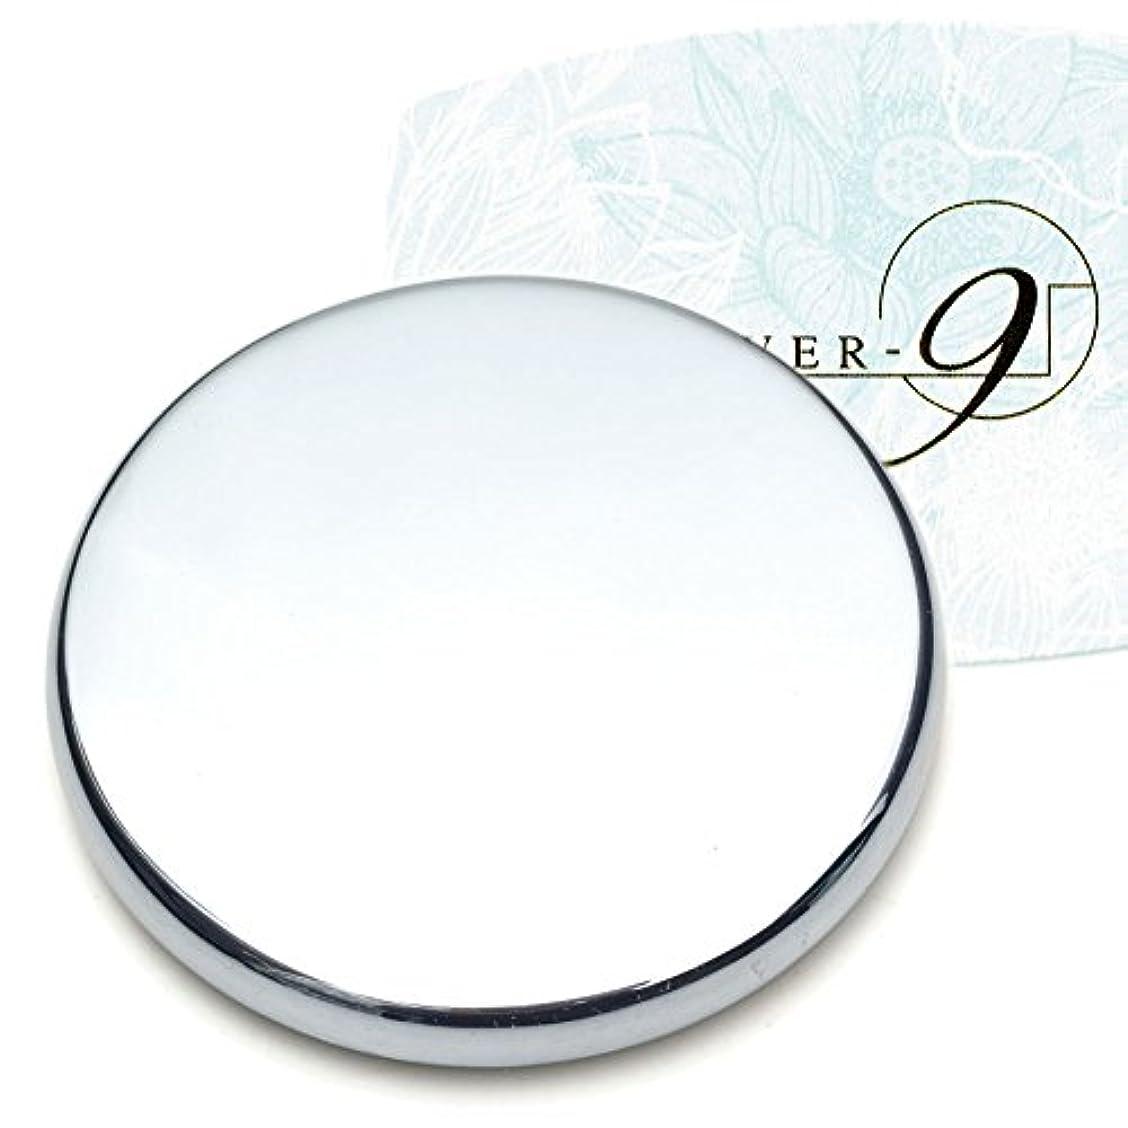 動脈製作出発する[OVER-9®] テラヘルツ鉱石 エステ用 丸型 円盤 プレート 公的機関にて検査済み!パワーストーン 天然石 健康 美容 美顔 かっさ グッズ お風呂